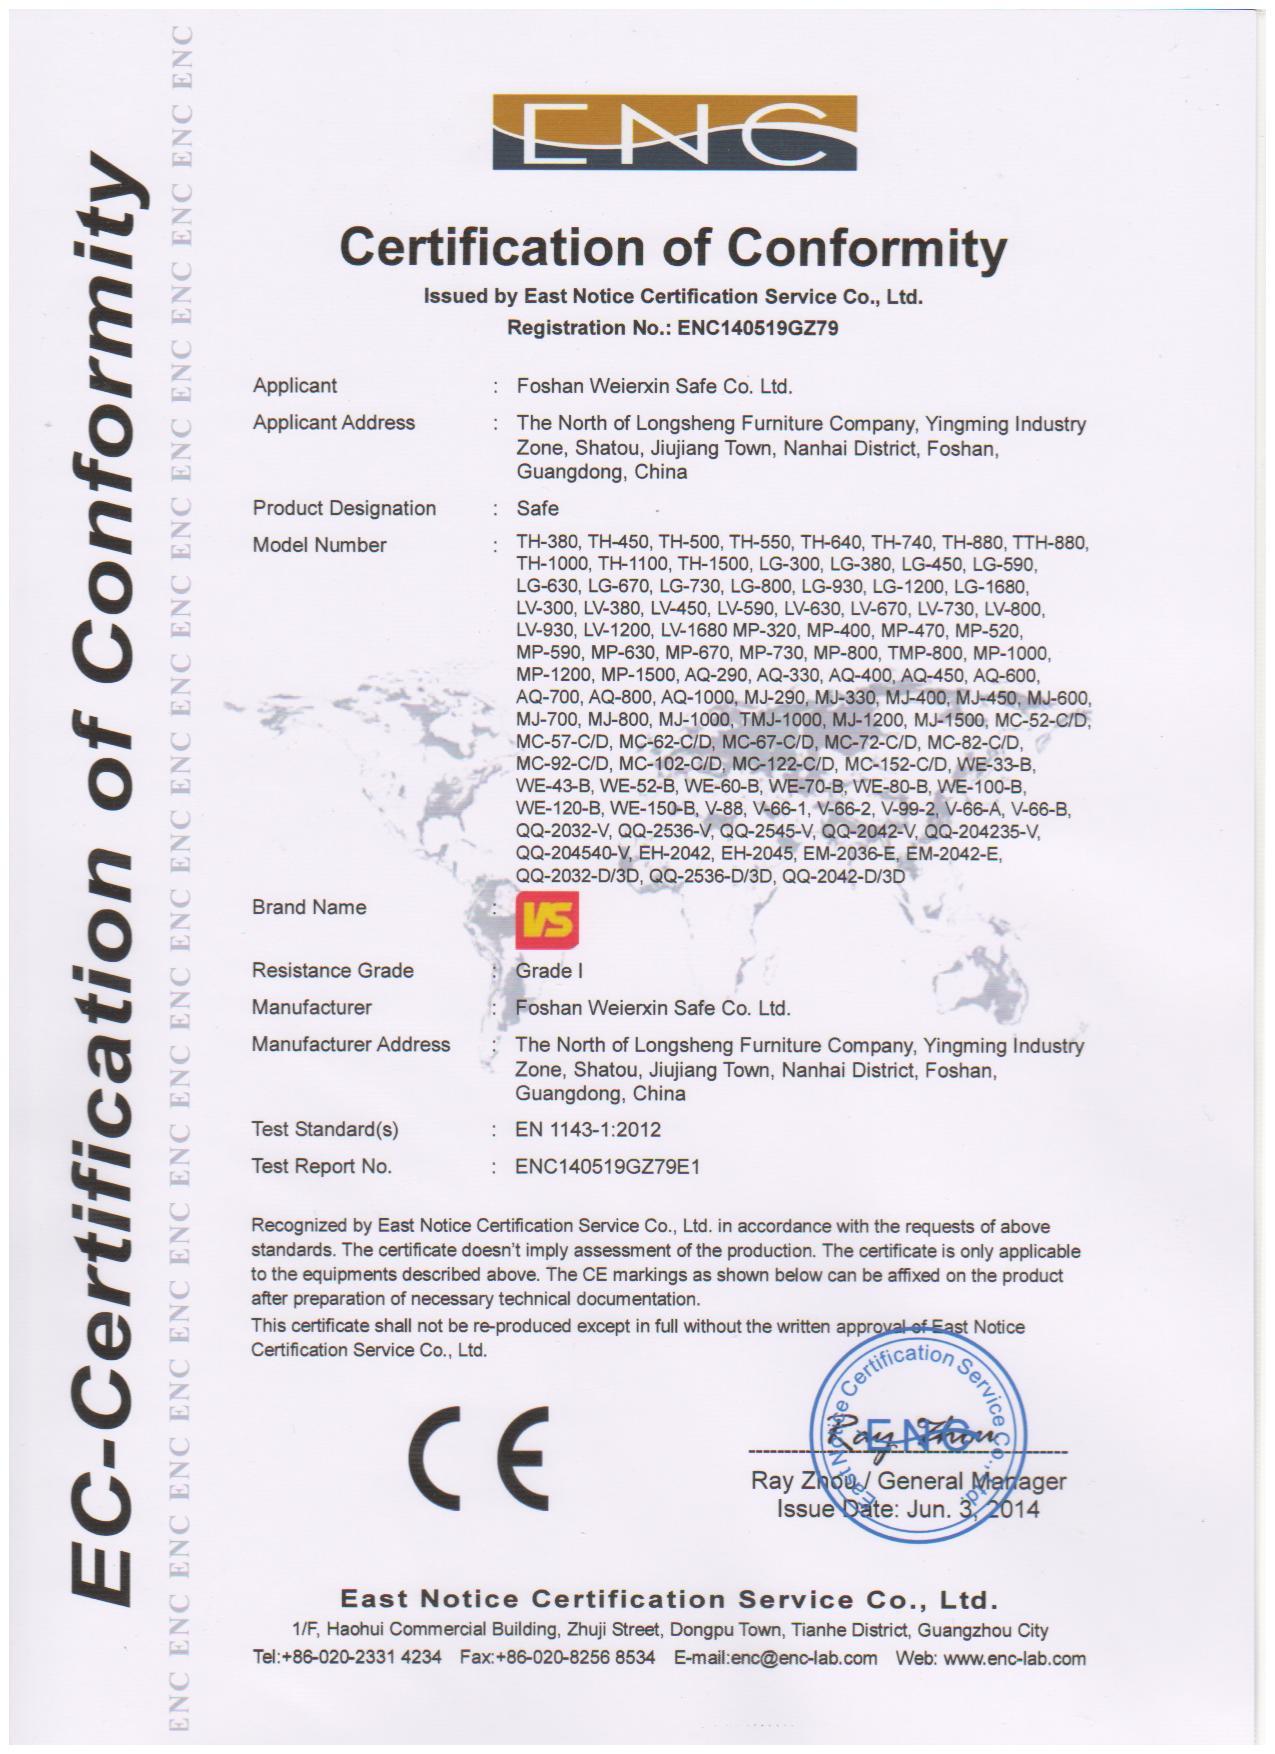 万博手机客户端登录信万博体育app官方下载CE认证